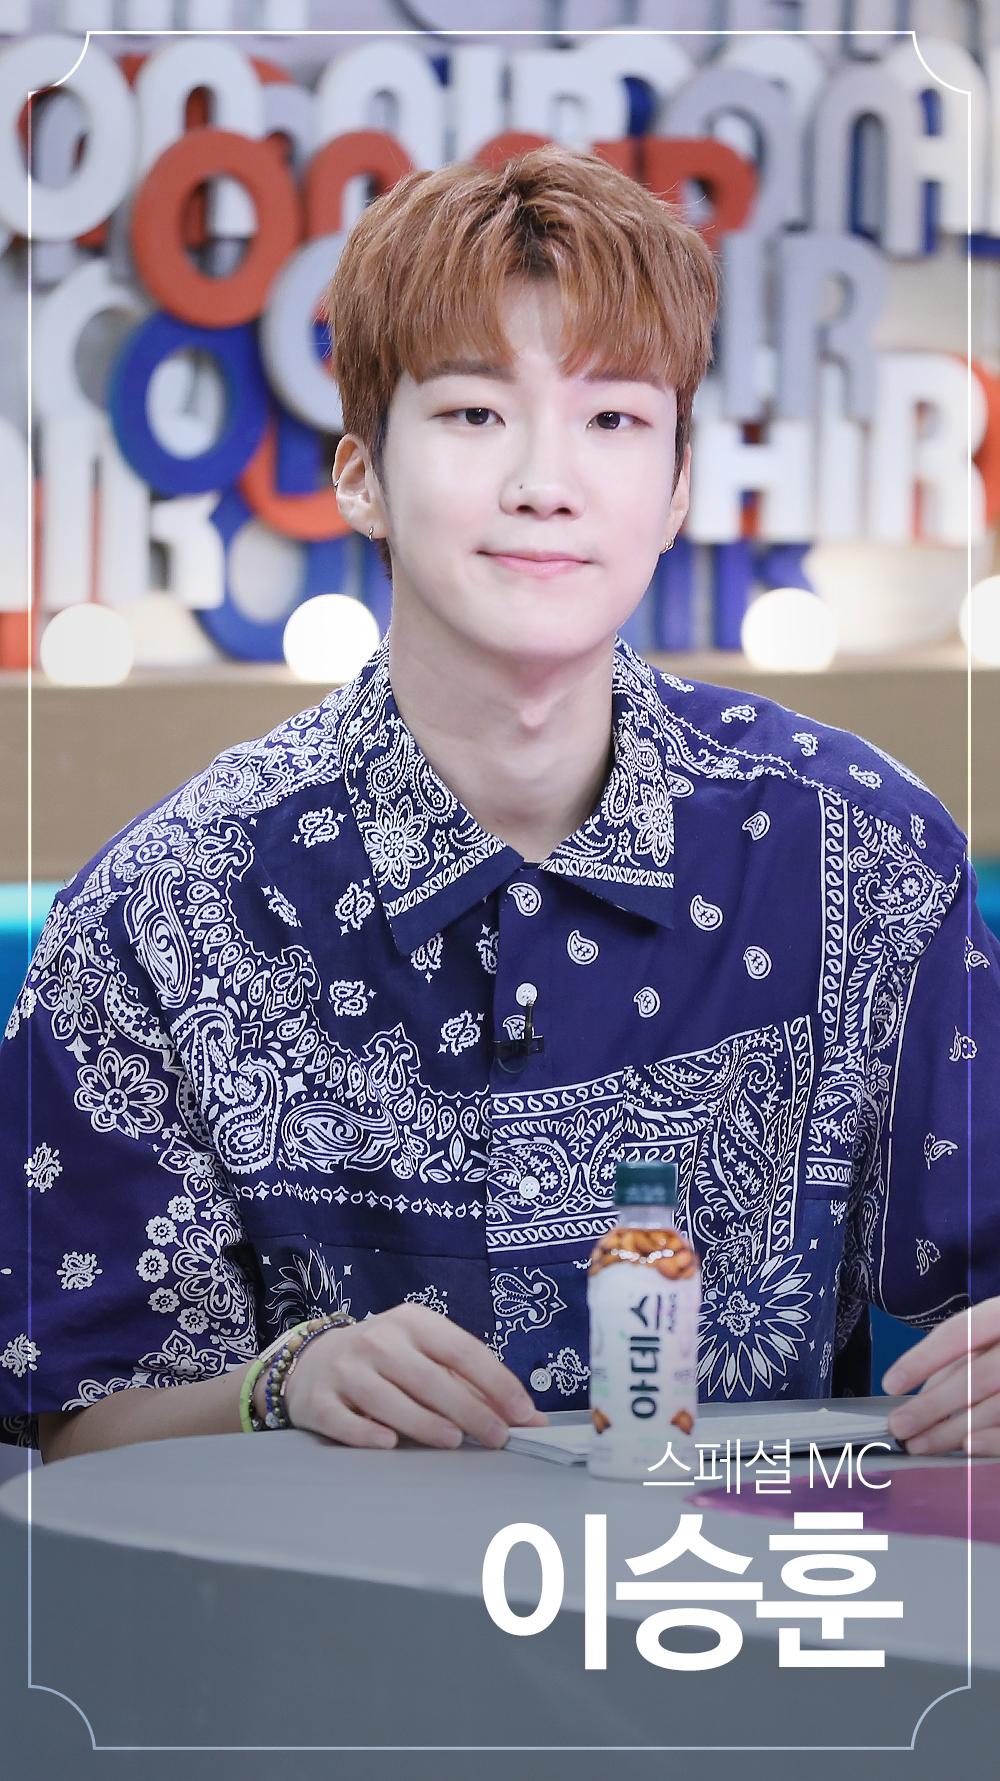 winner seunghoon yg diss 2